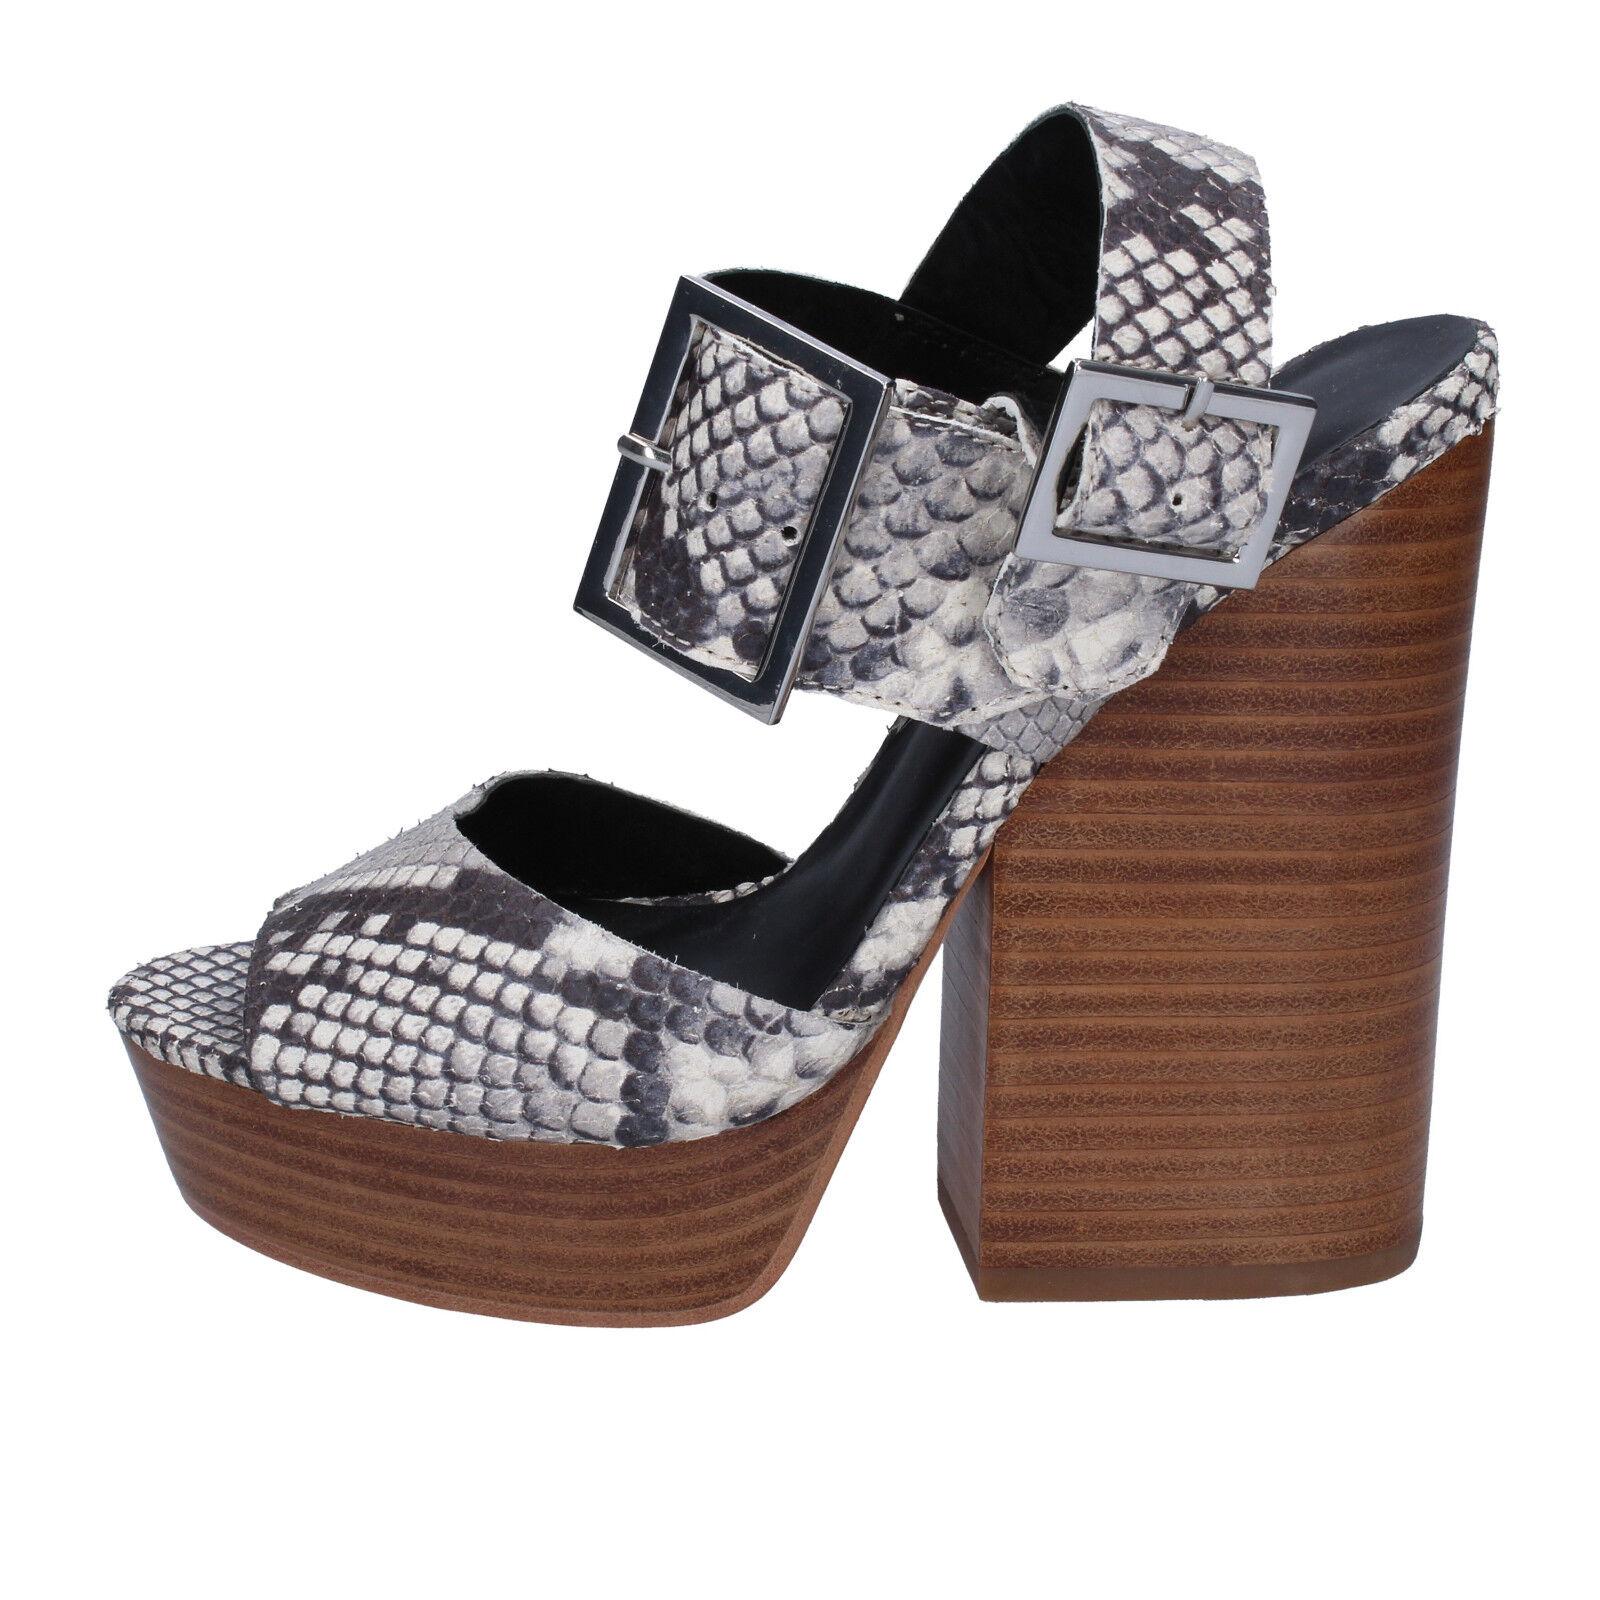 scarpe donna grigio ASH 36 EU sandali grigio donna pelle pitonata AB630-B 79d6e6